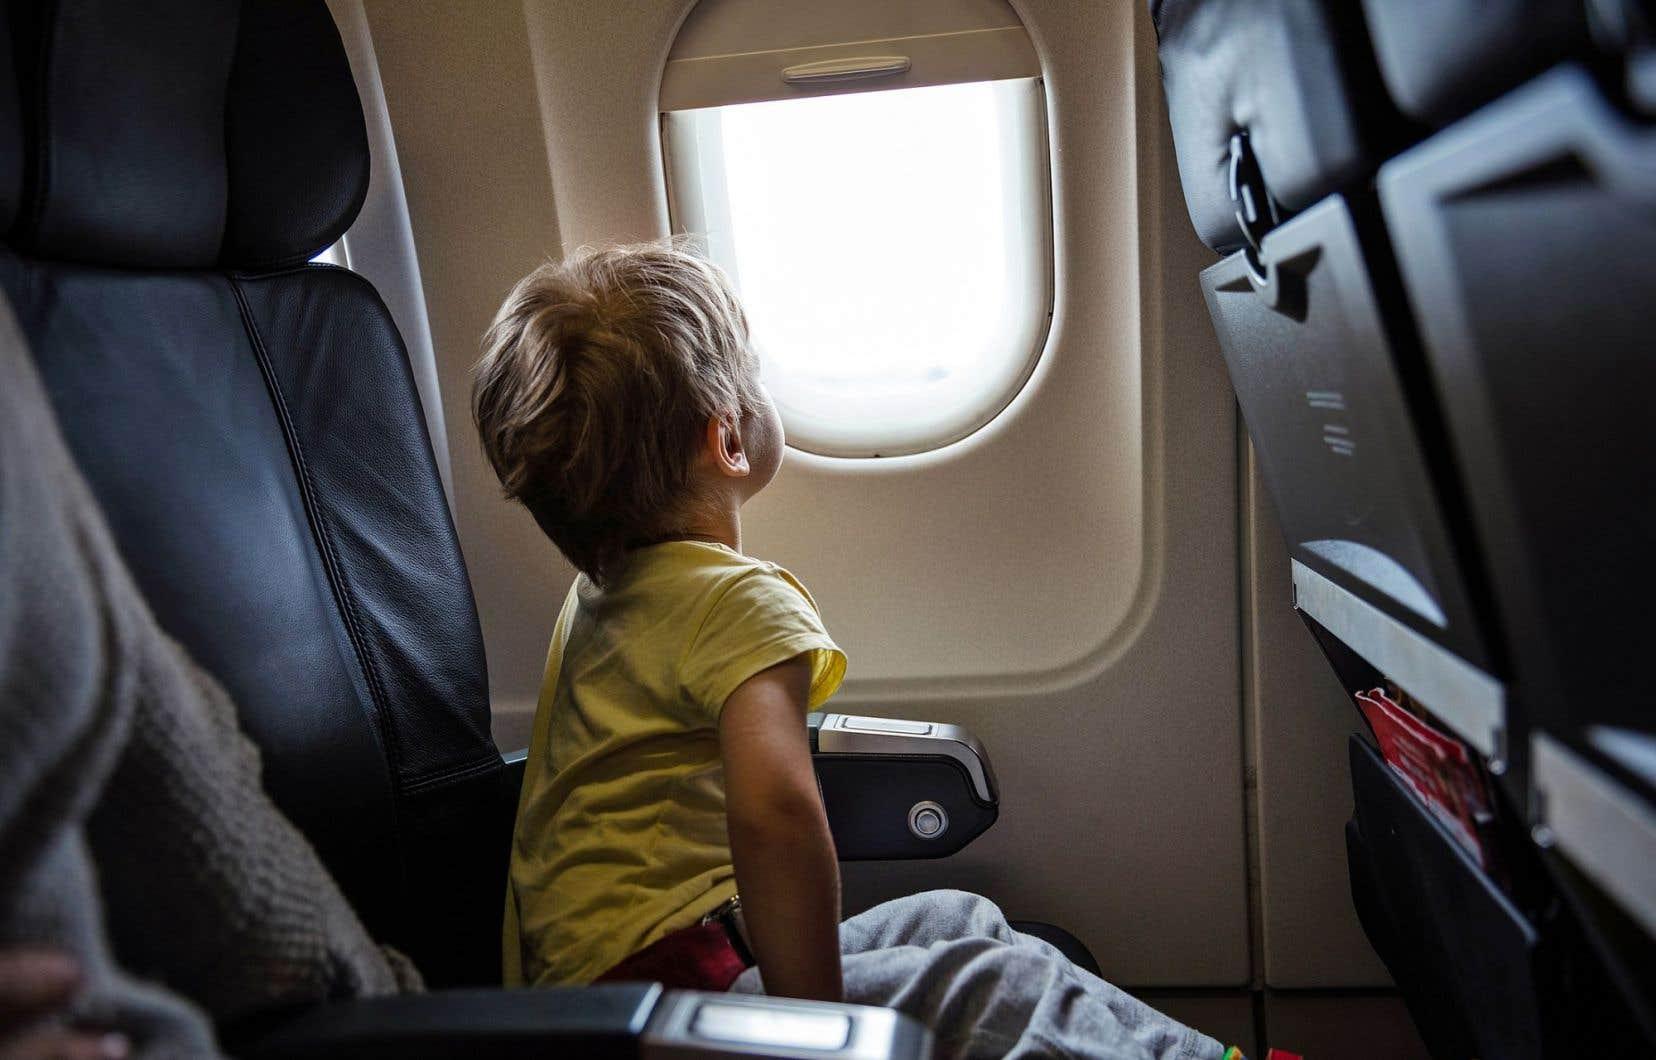 Coup de sonde auprès des compagnies aériennes: de plus en plus d'enfants voyagent non accompagnés et l'été est la période où on en voit le plus. Air Transat confirme qu'ils seraient plus d'un millier en partance du Québec.